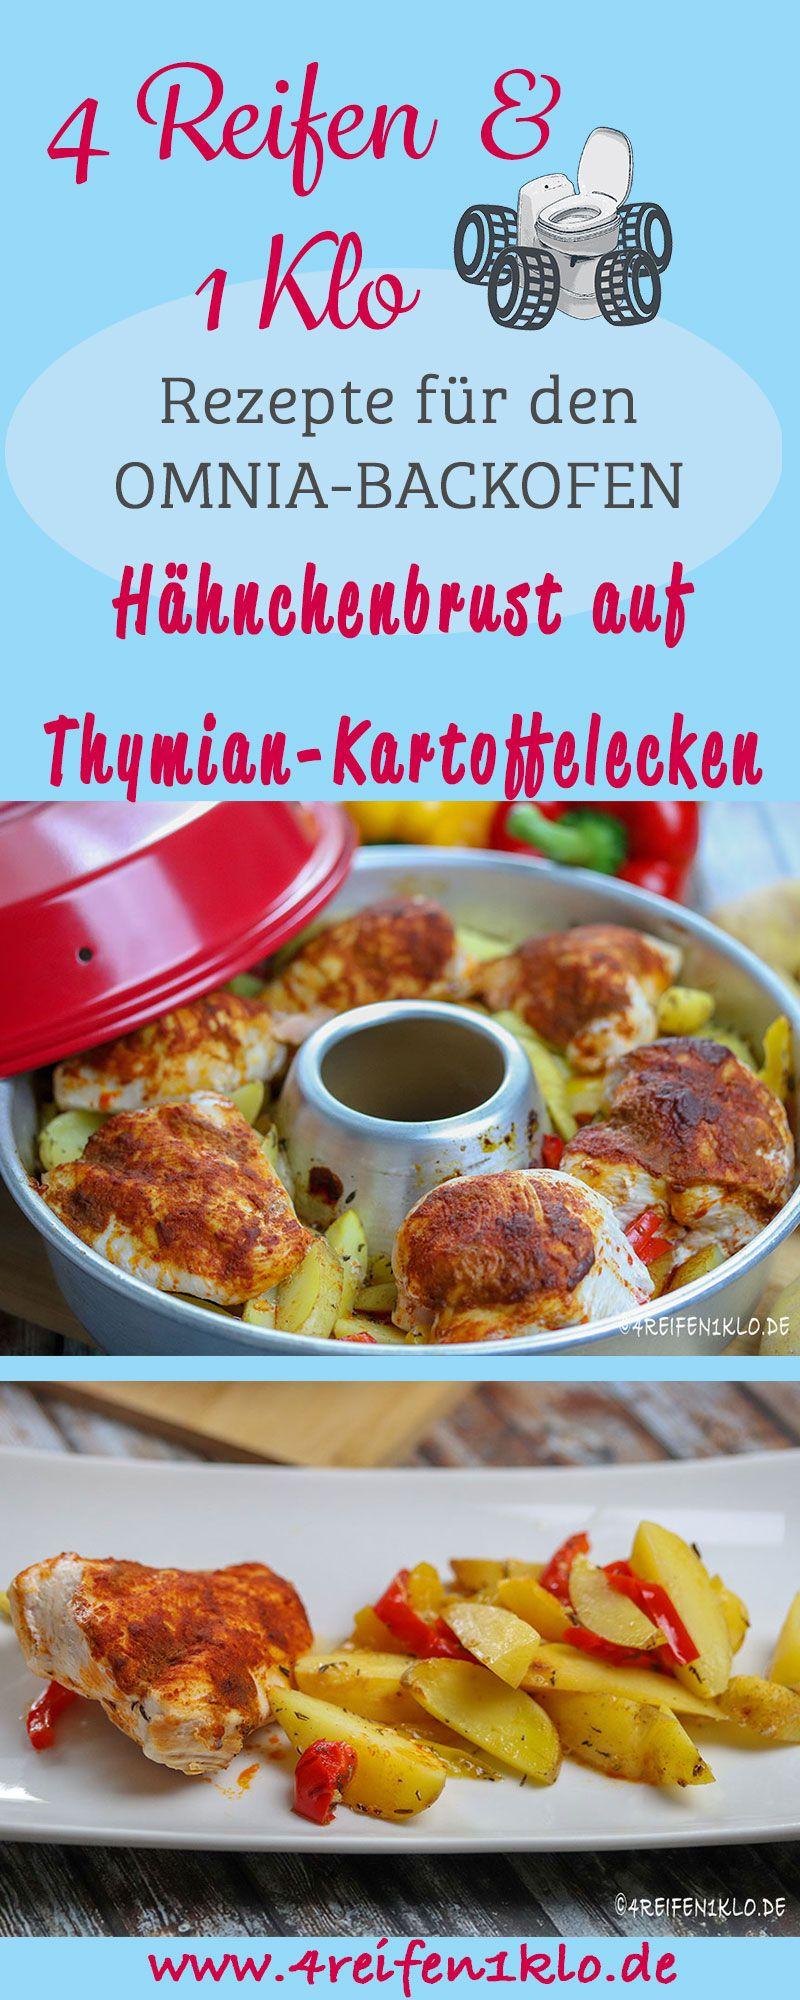 Hähnchenbrust auf Thymian-Kartoffelecken